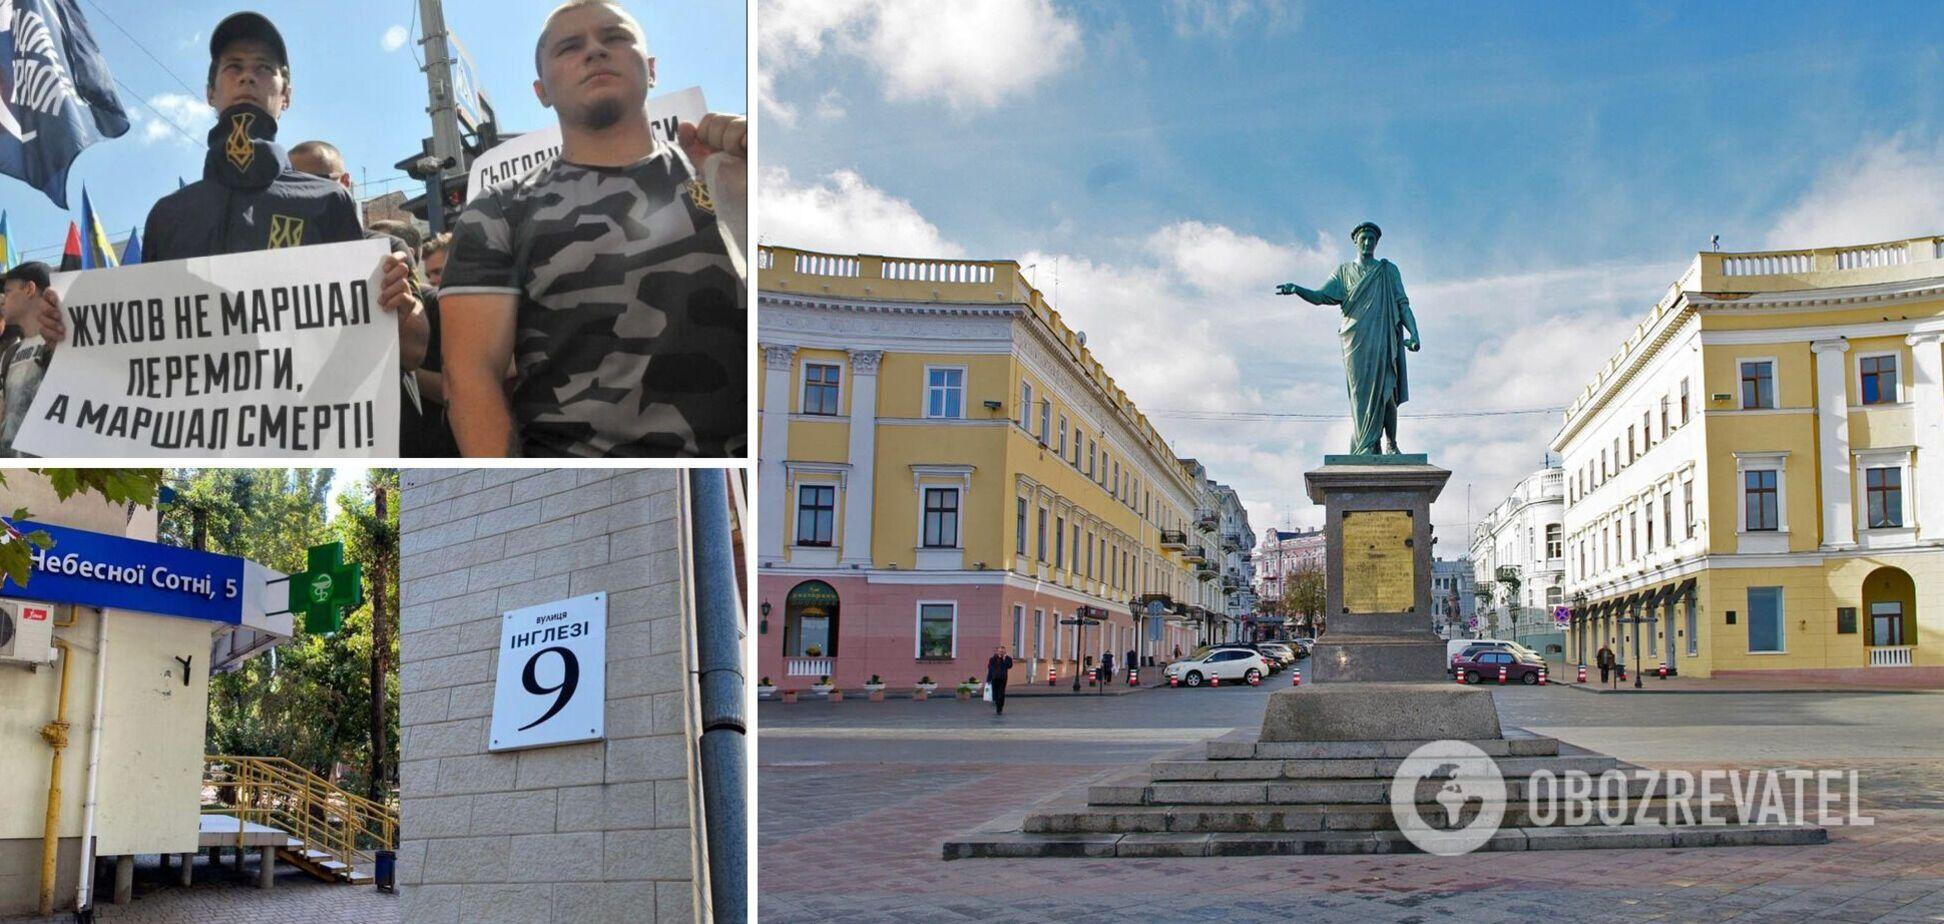 Суд не разрешил вернуть проспекту Небесной Сотни в Одессе имя Жукова